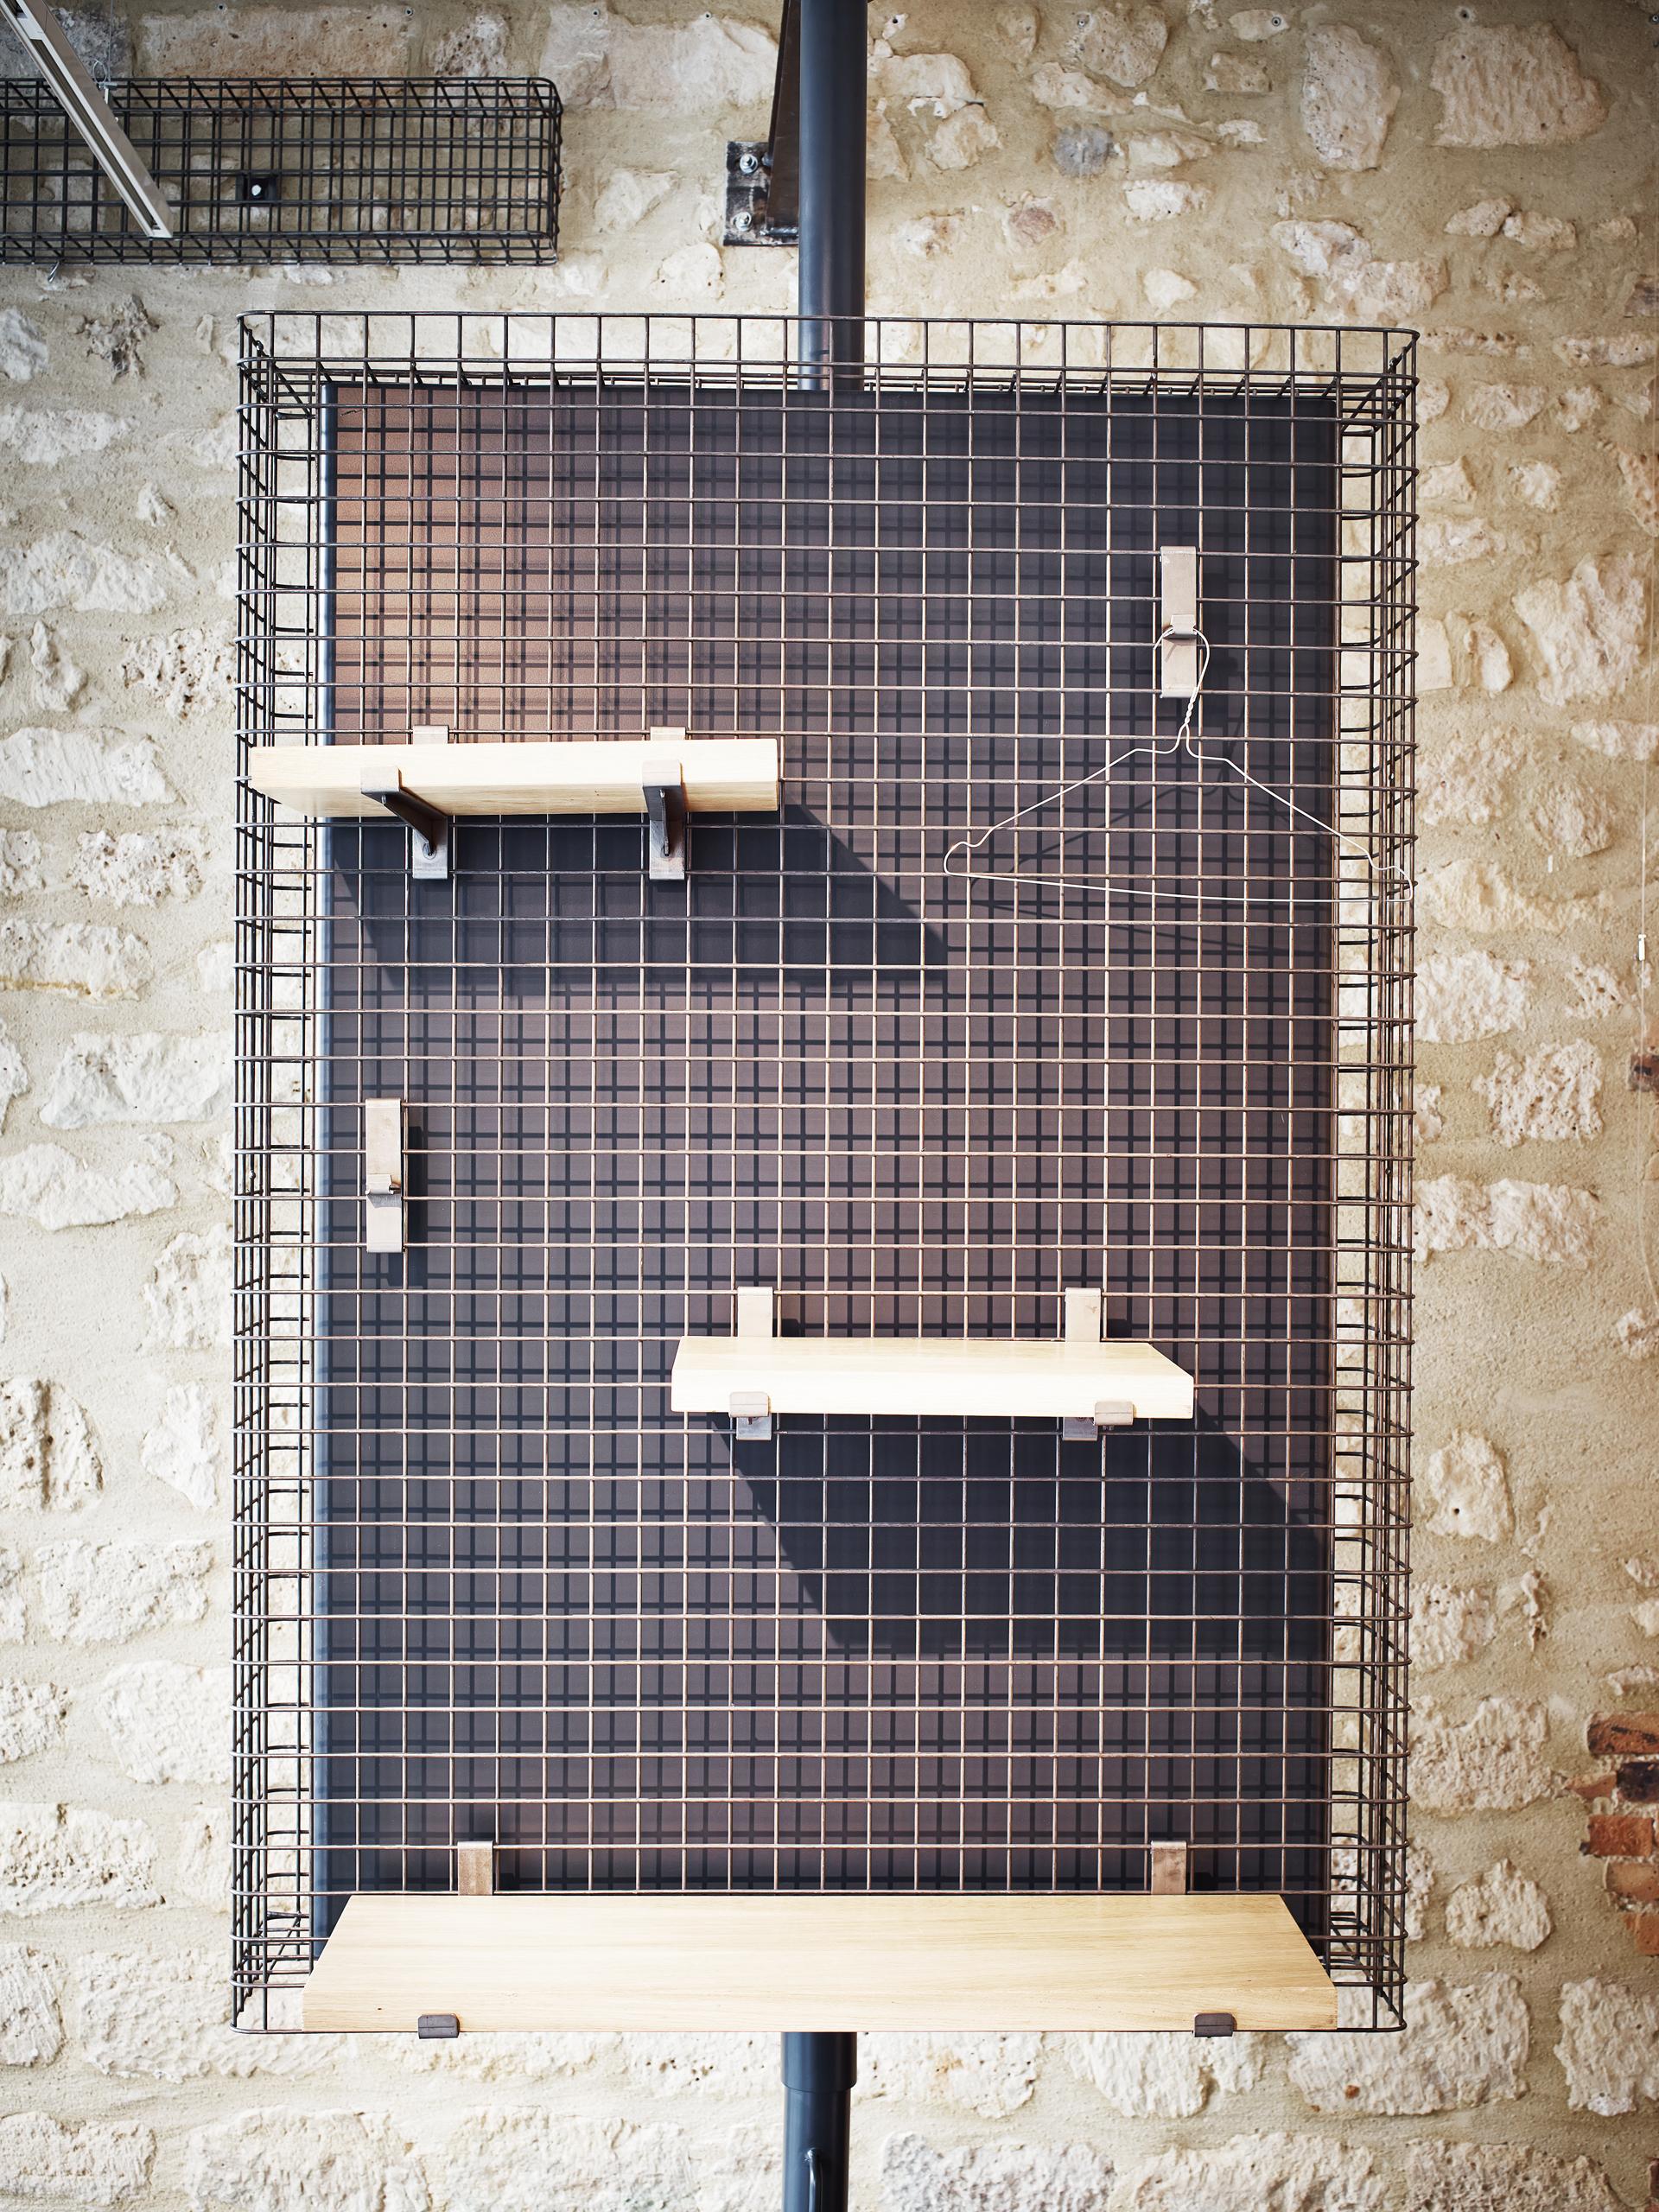 Cut Architectures_Fauve Paris+Abreuvoir22©DavidFoessel.jpg